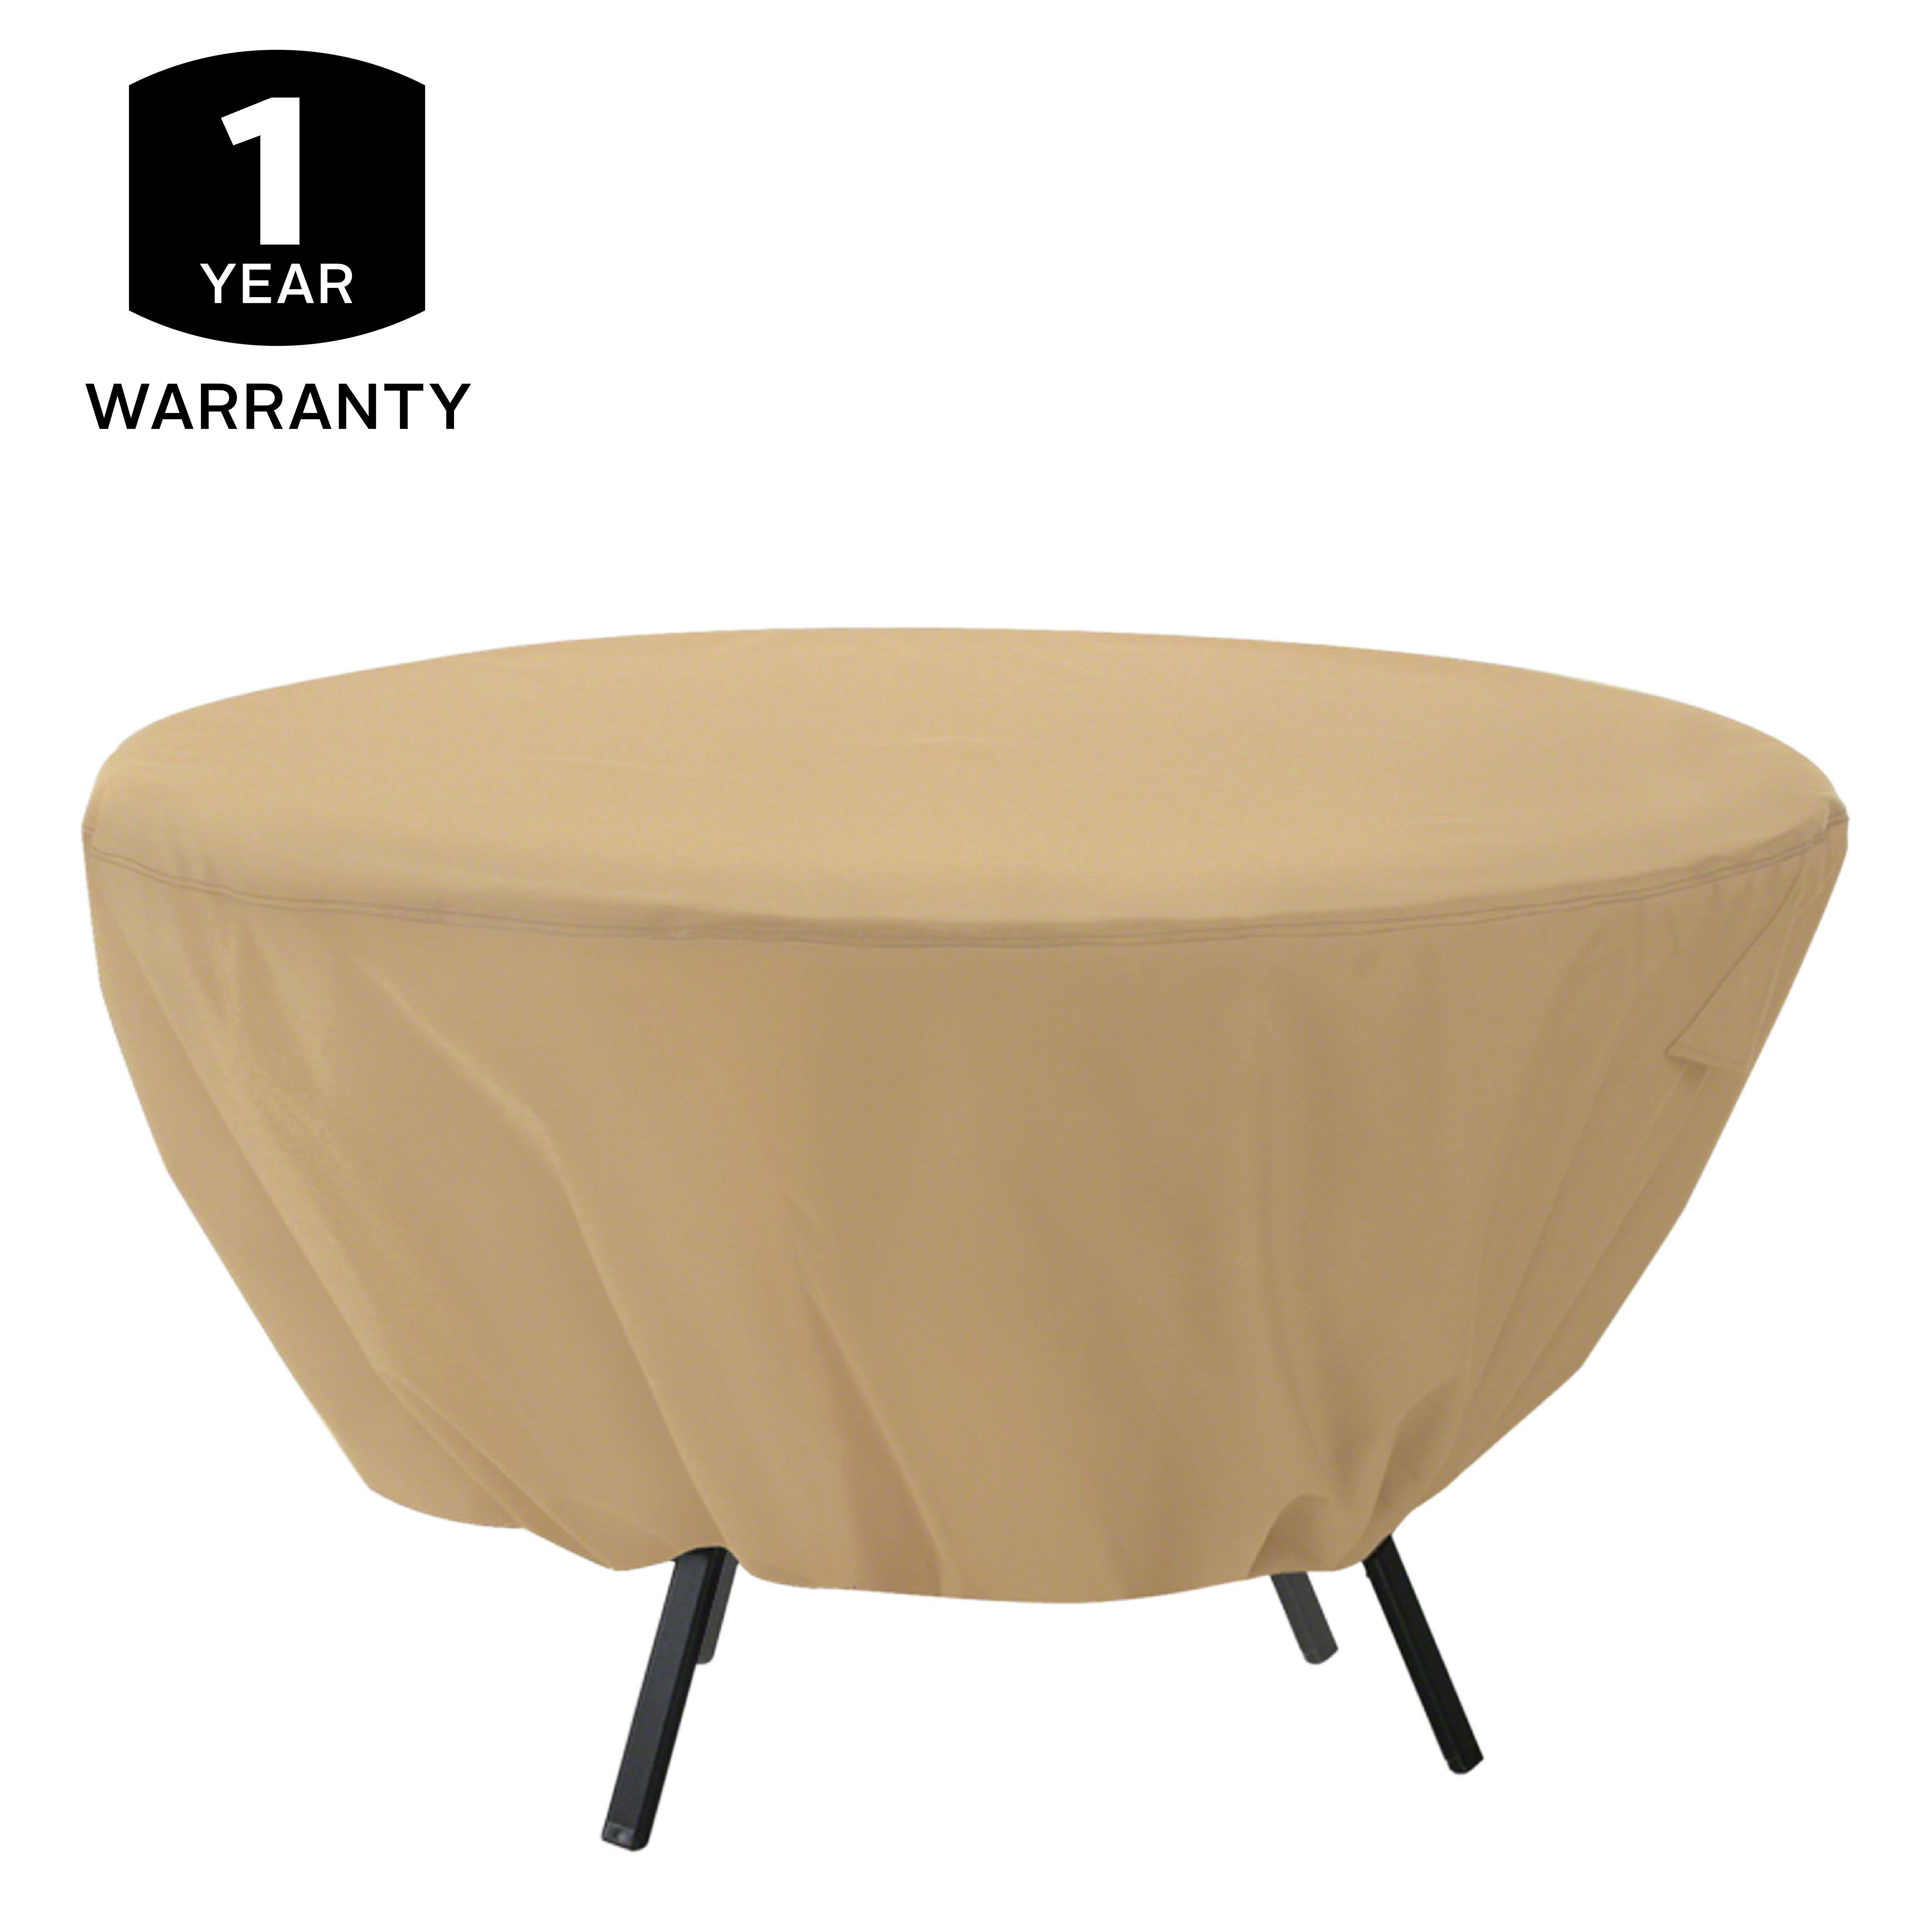 Amazon Classic Accessories Terrazzo Round Patio Table Cover All Weath